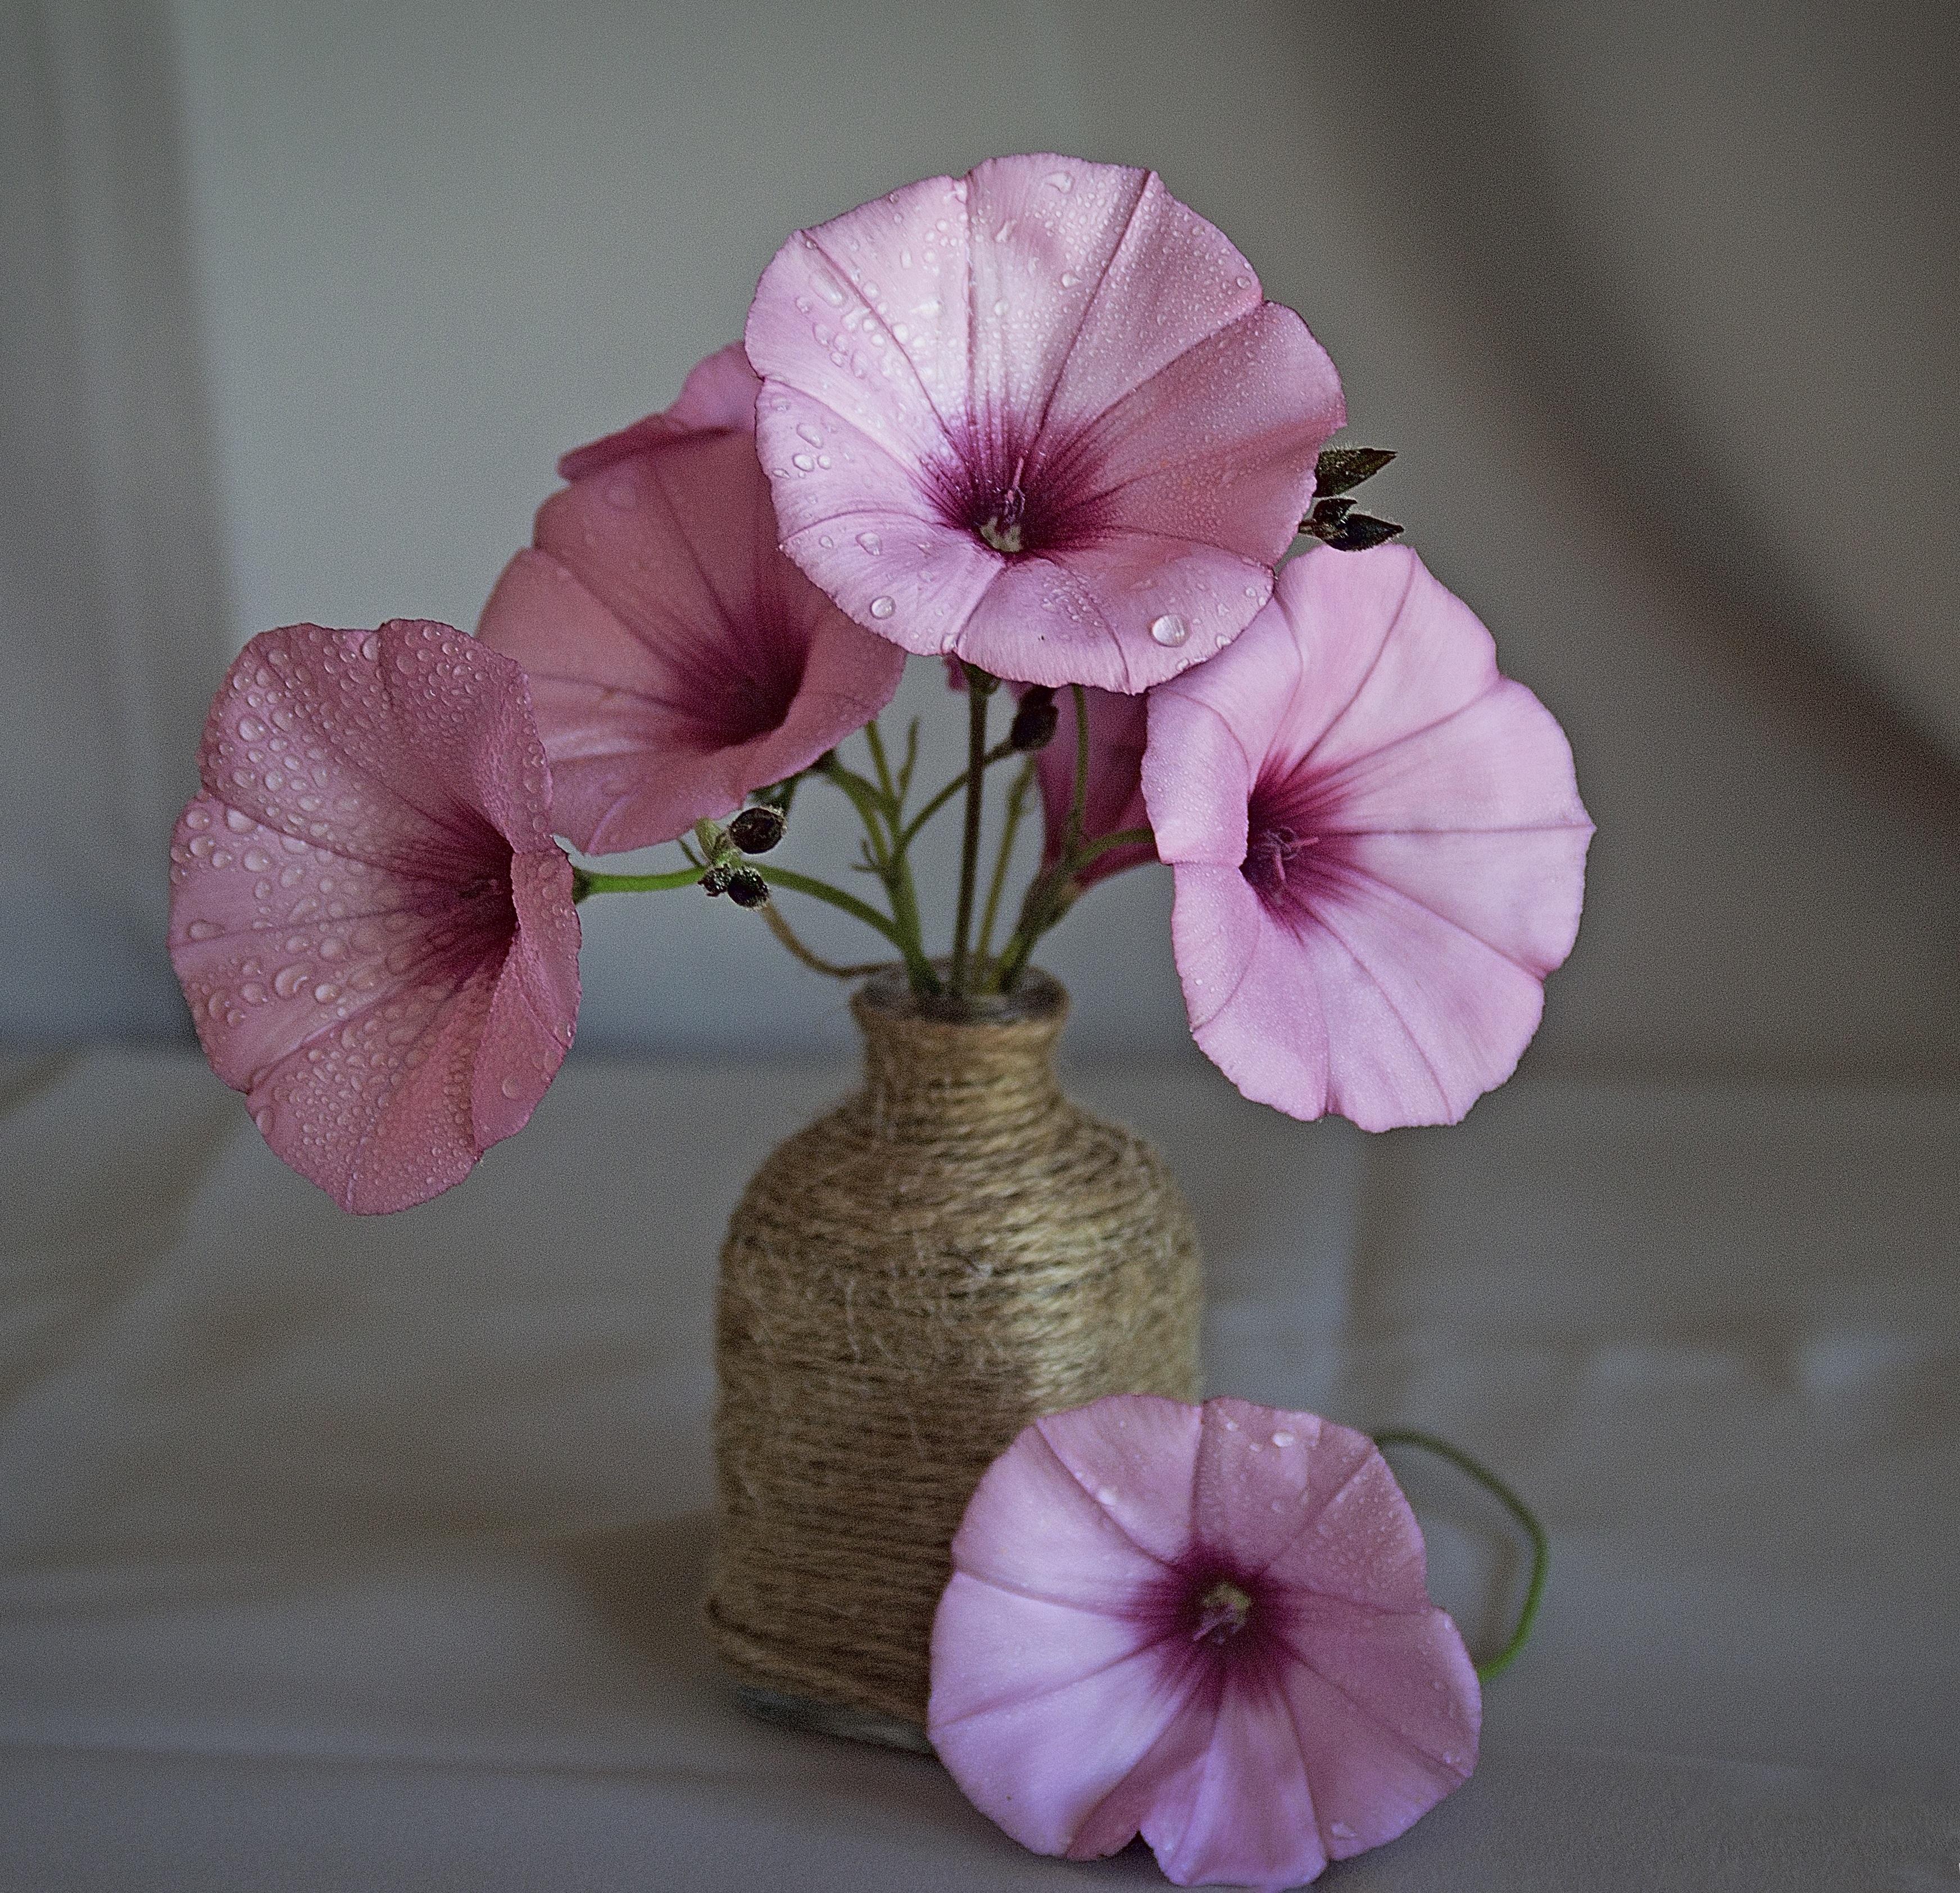 Fotos Gratis Flor P 250 Rpura P 233 Talo Florero Primavera